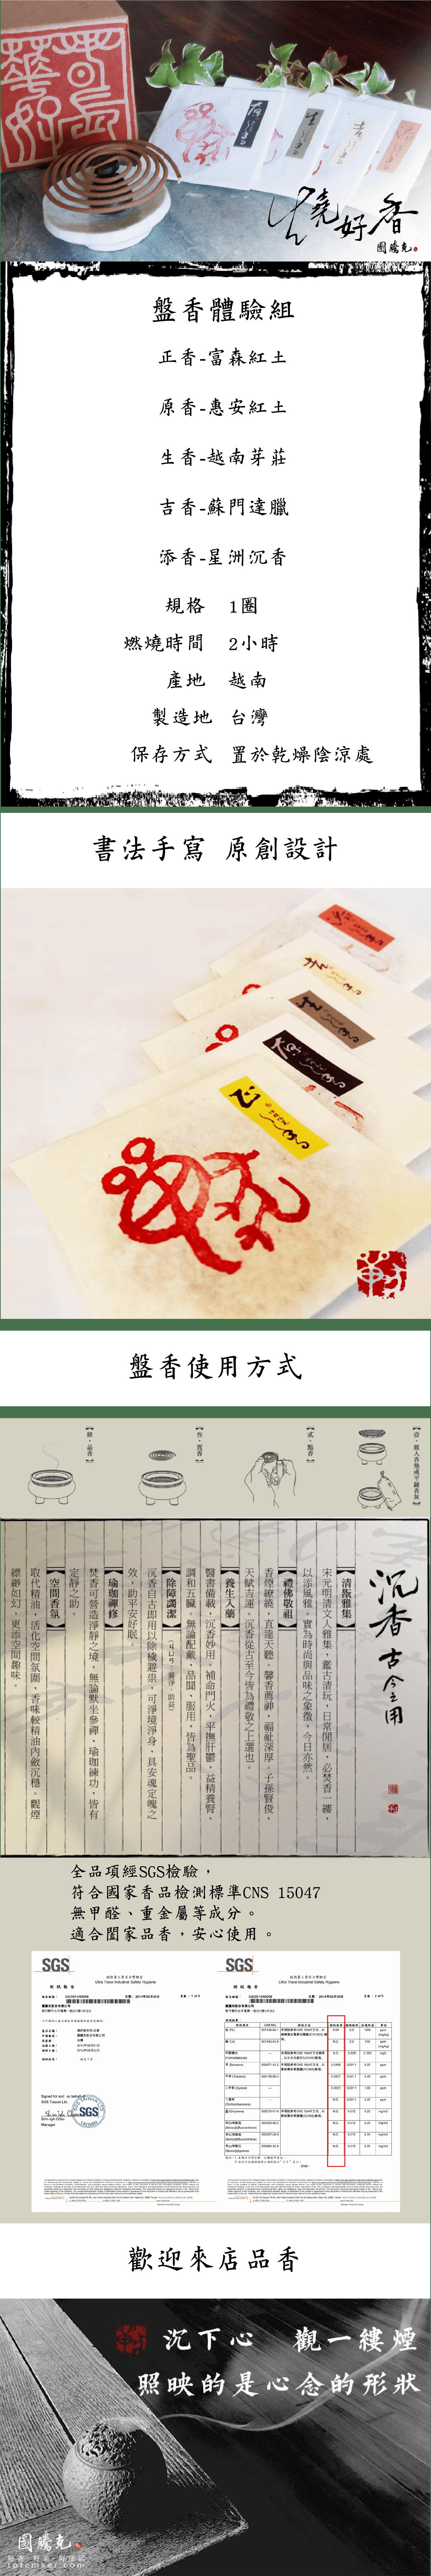 圖騰克totemker - 盤香體驗組 5款盤香10入 越南系沉香 印尼系沉香